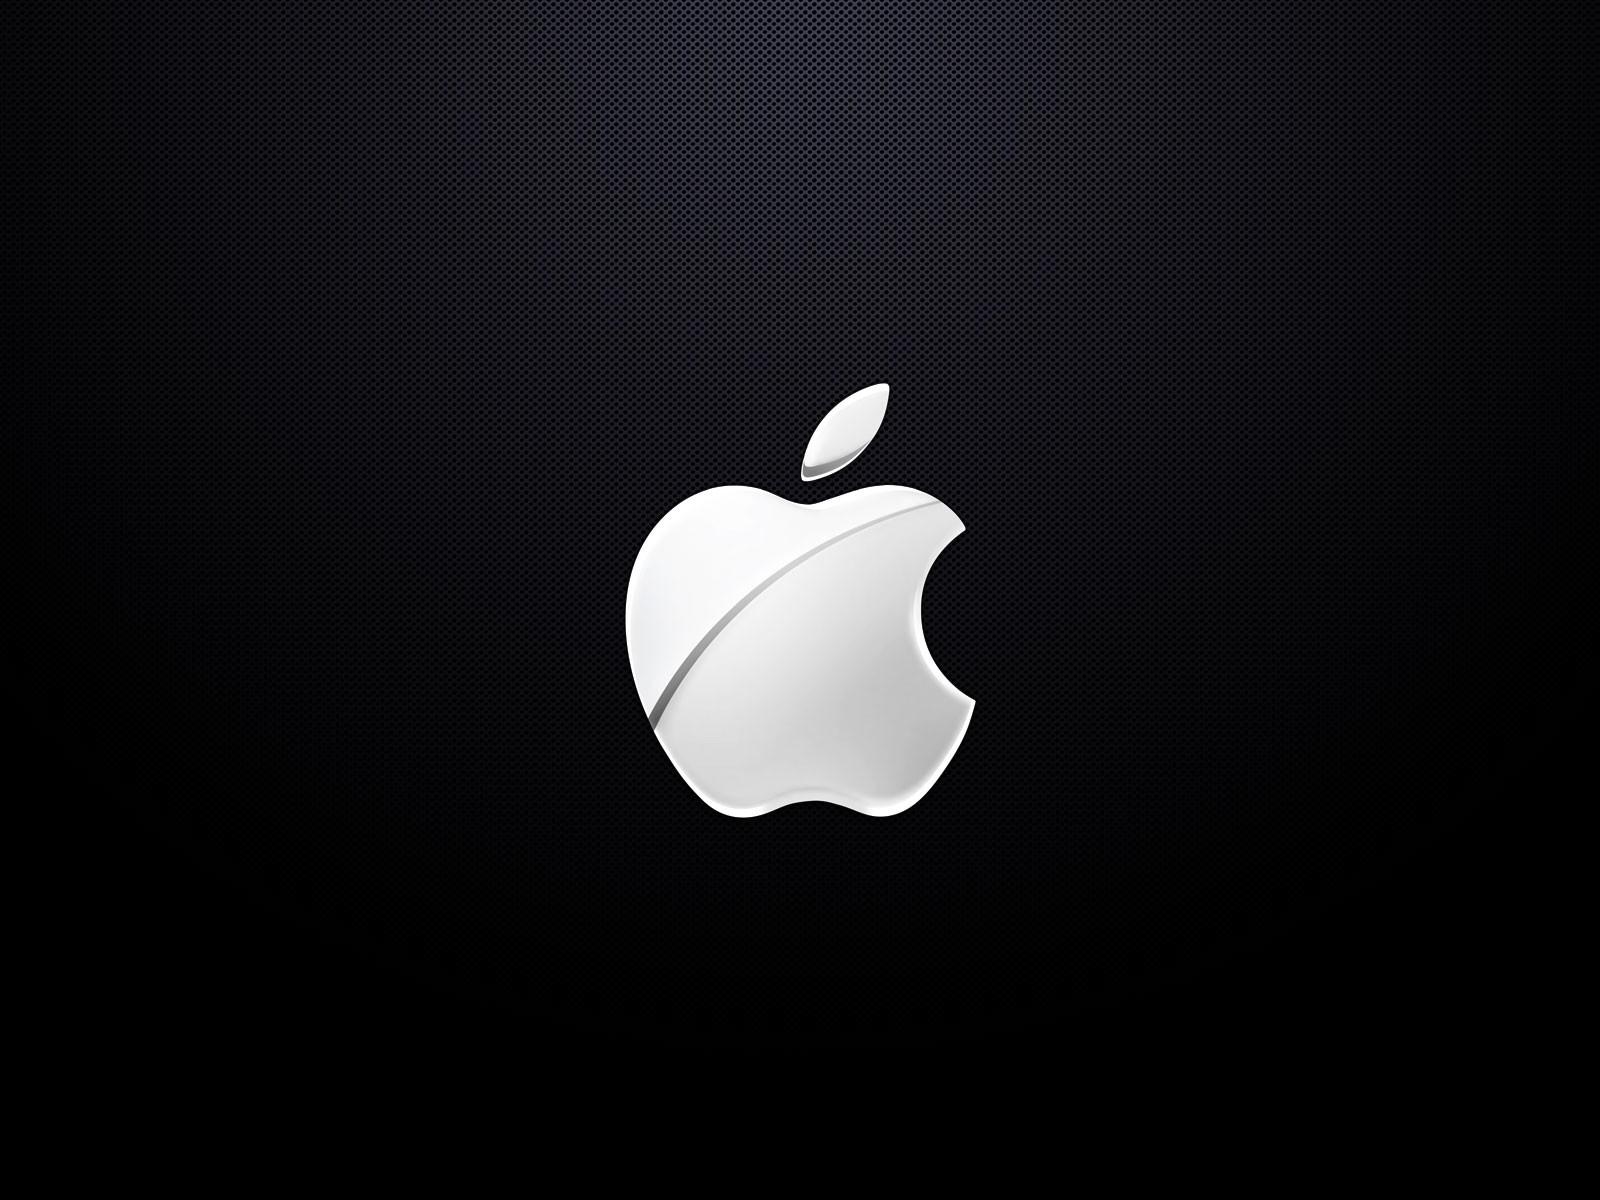 Apple теряет прибыль, однако планирует приобрести киностудию